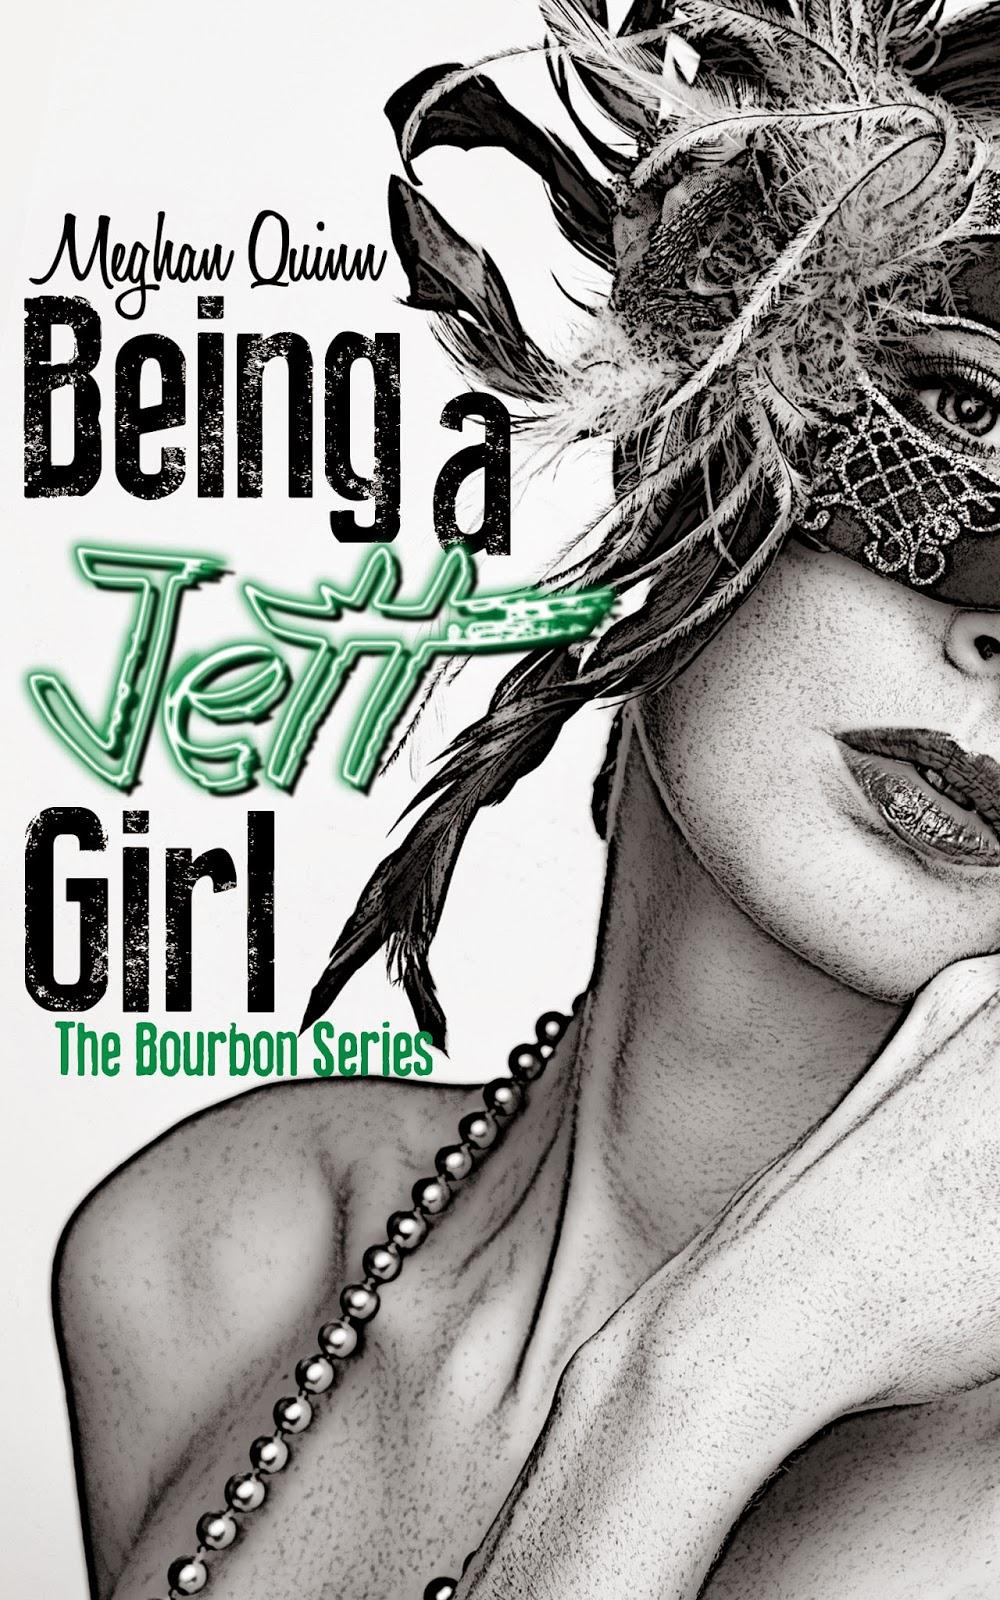 http://readsallthebooks.blogspot.com/2014/12/being-jett-girl-review.html